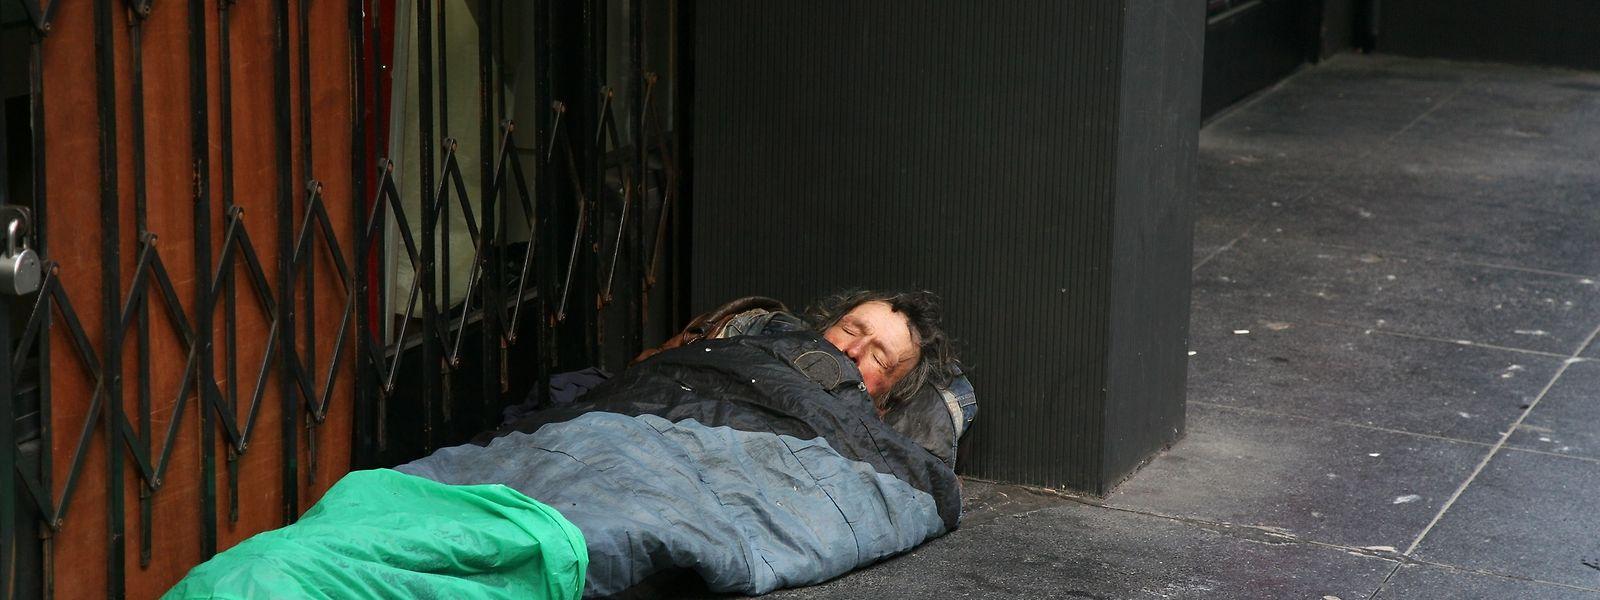 Obdachlosen macht die anhaltende Kälte zu schaffen – vor allem, wenn sie in keiner Notunterkunft unterkommen können oder wollen.